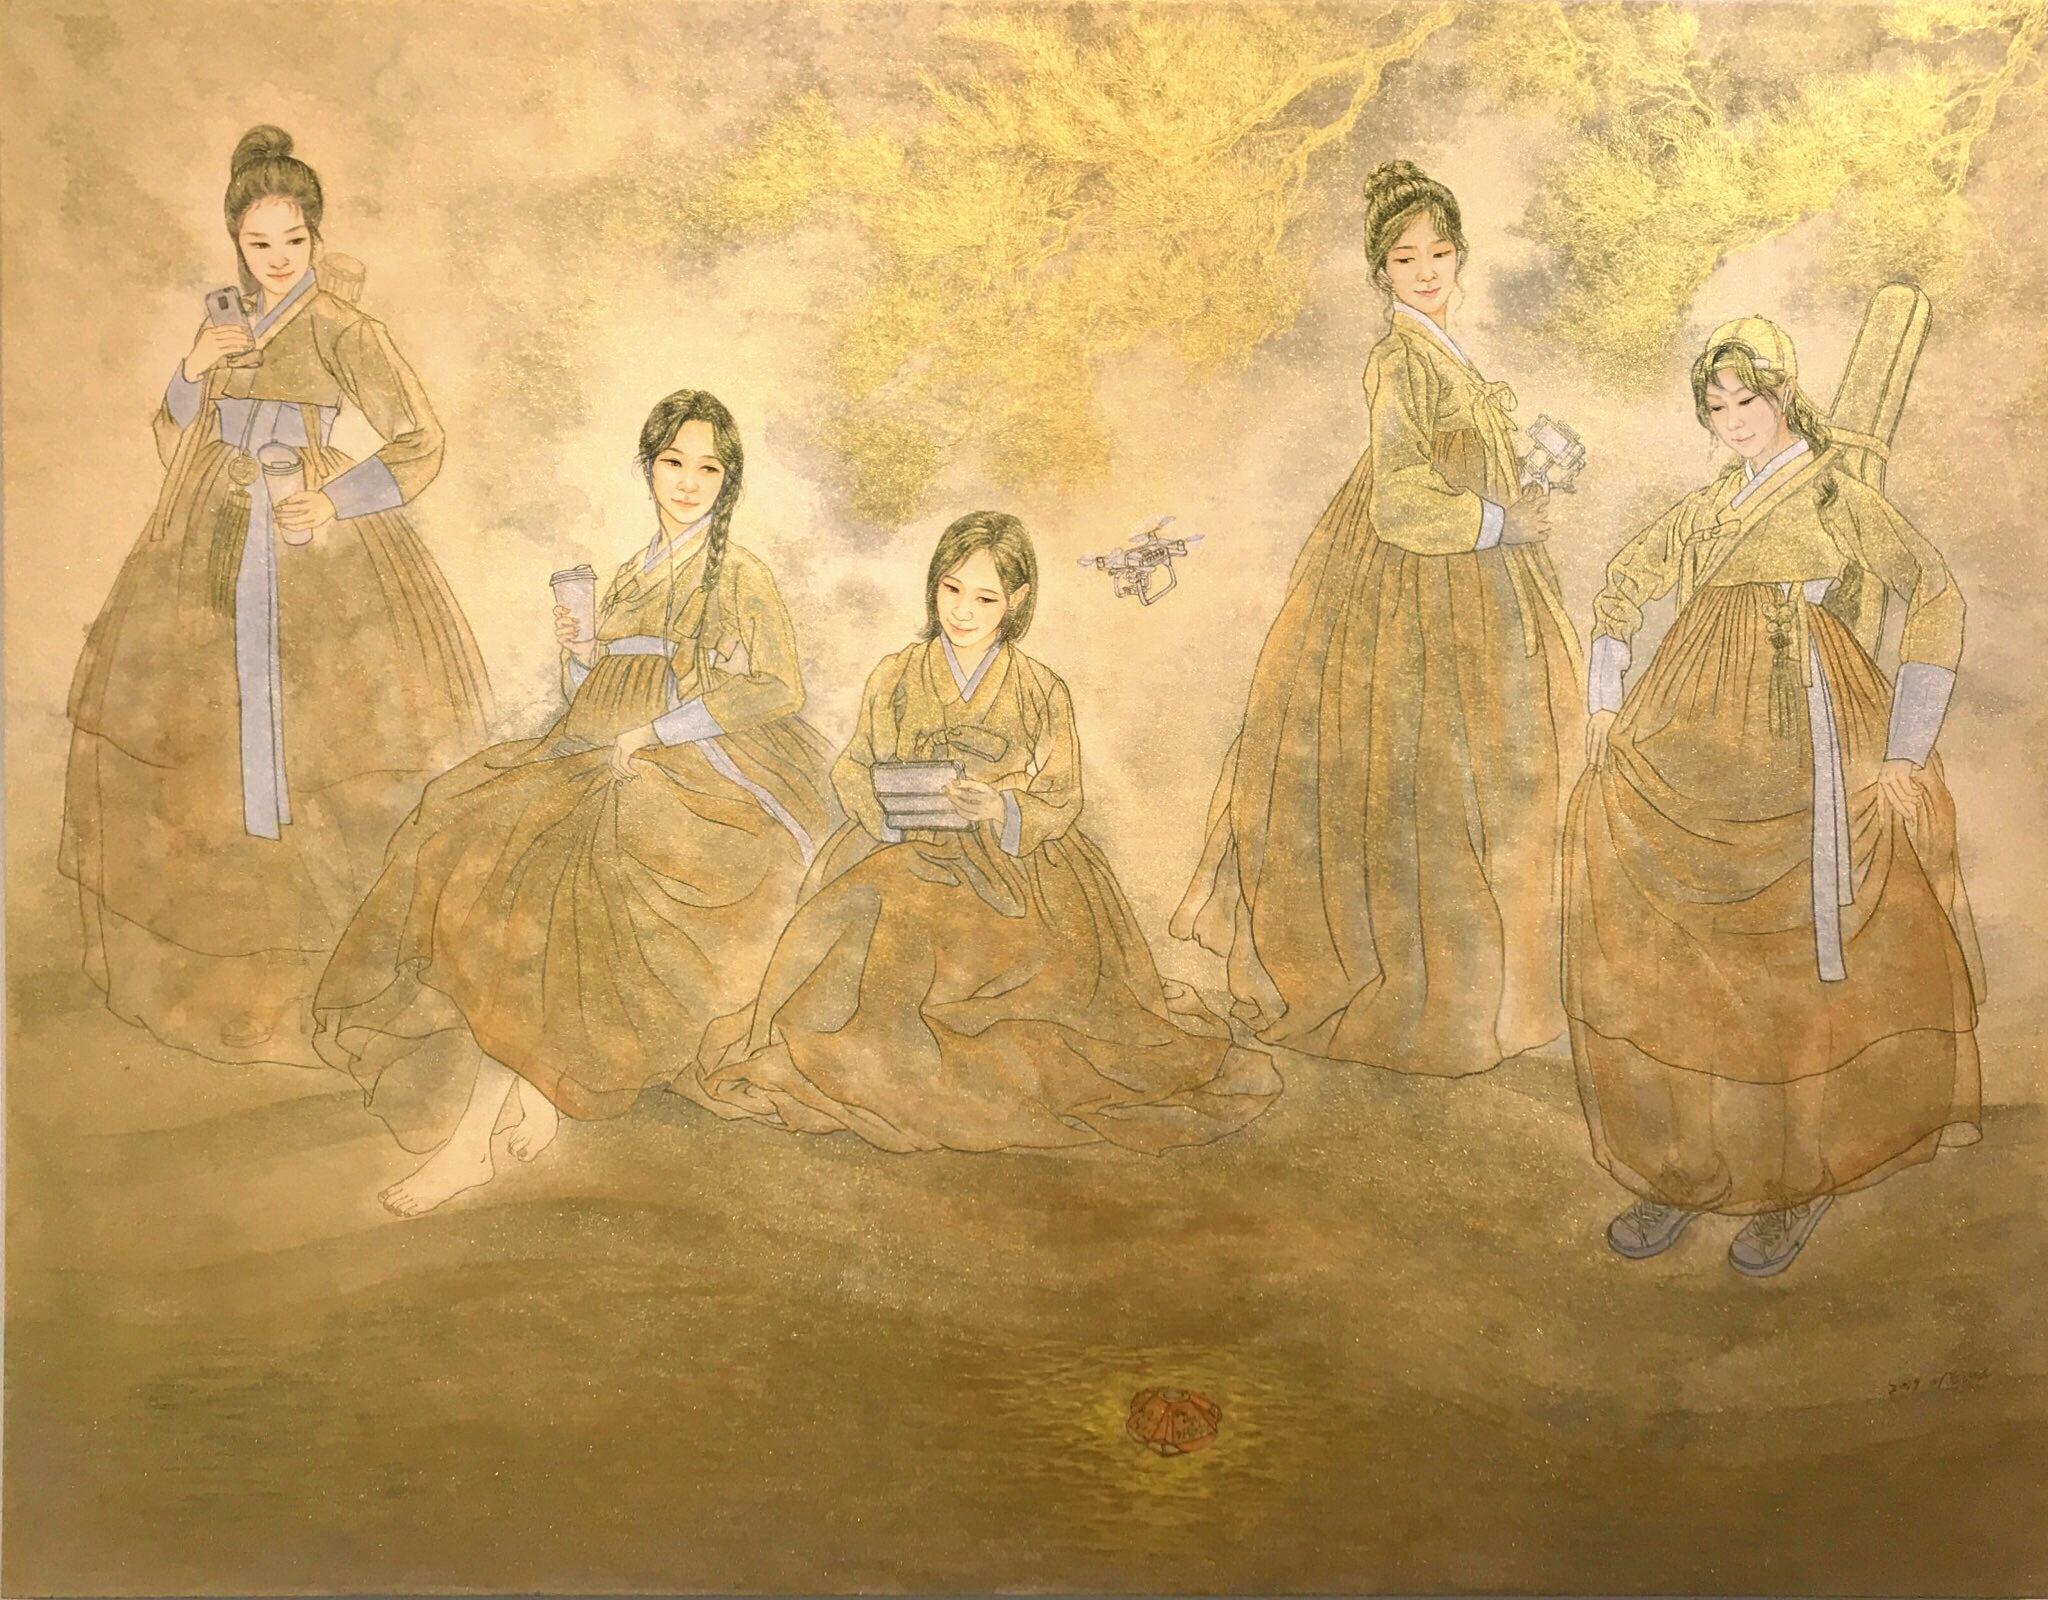 이동연, 천변가화(川邊佳話), 116.5 x 90